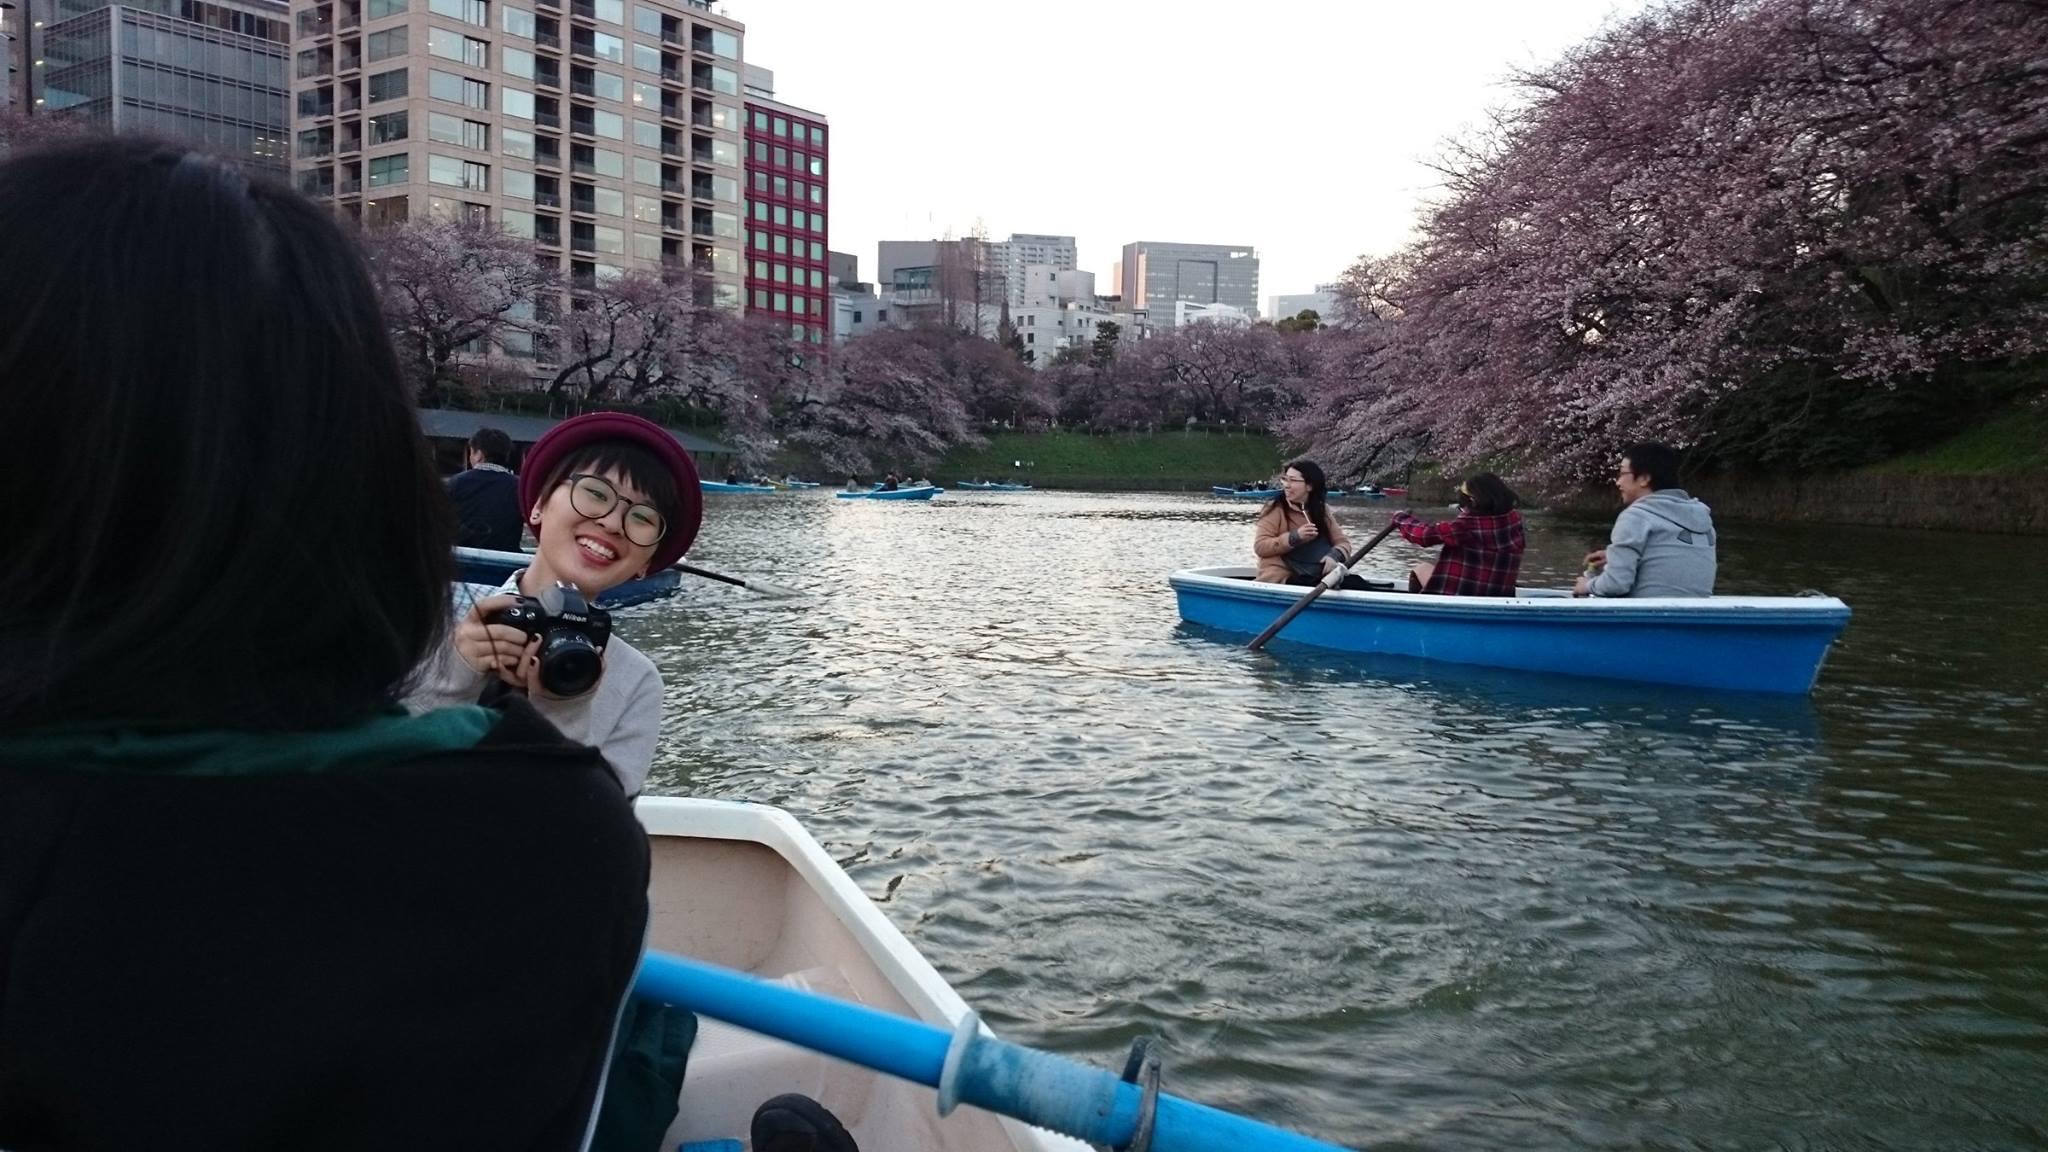 ngắm hoa anh đào tại công viên chidorigafuchi